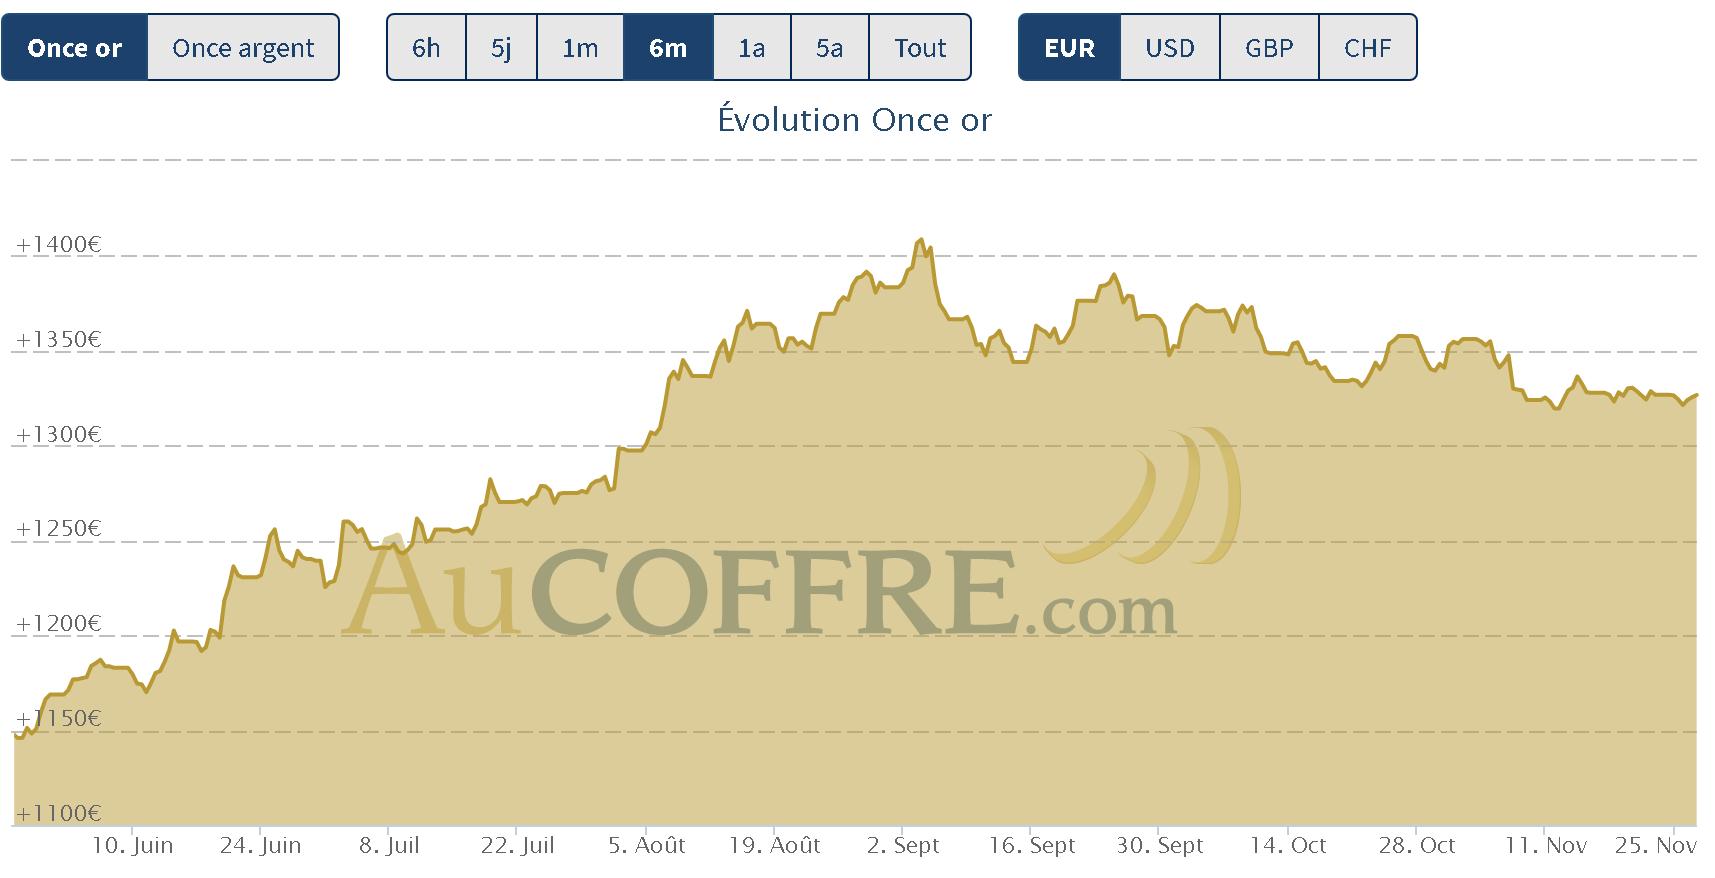 le cours de l'or à la fin novembre 2019